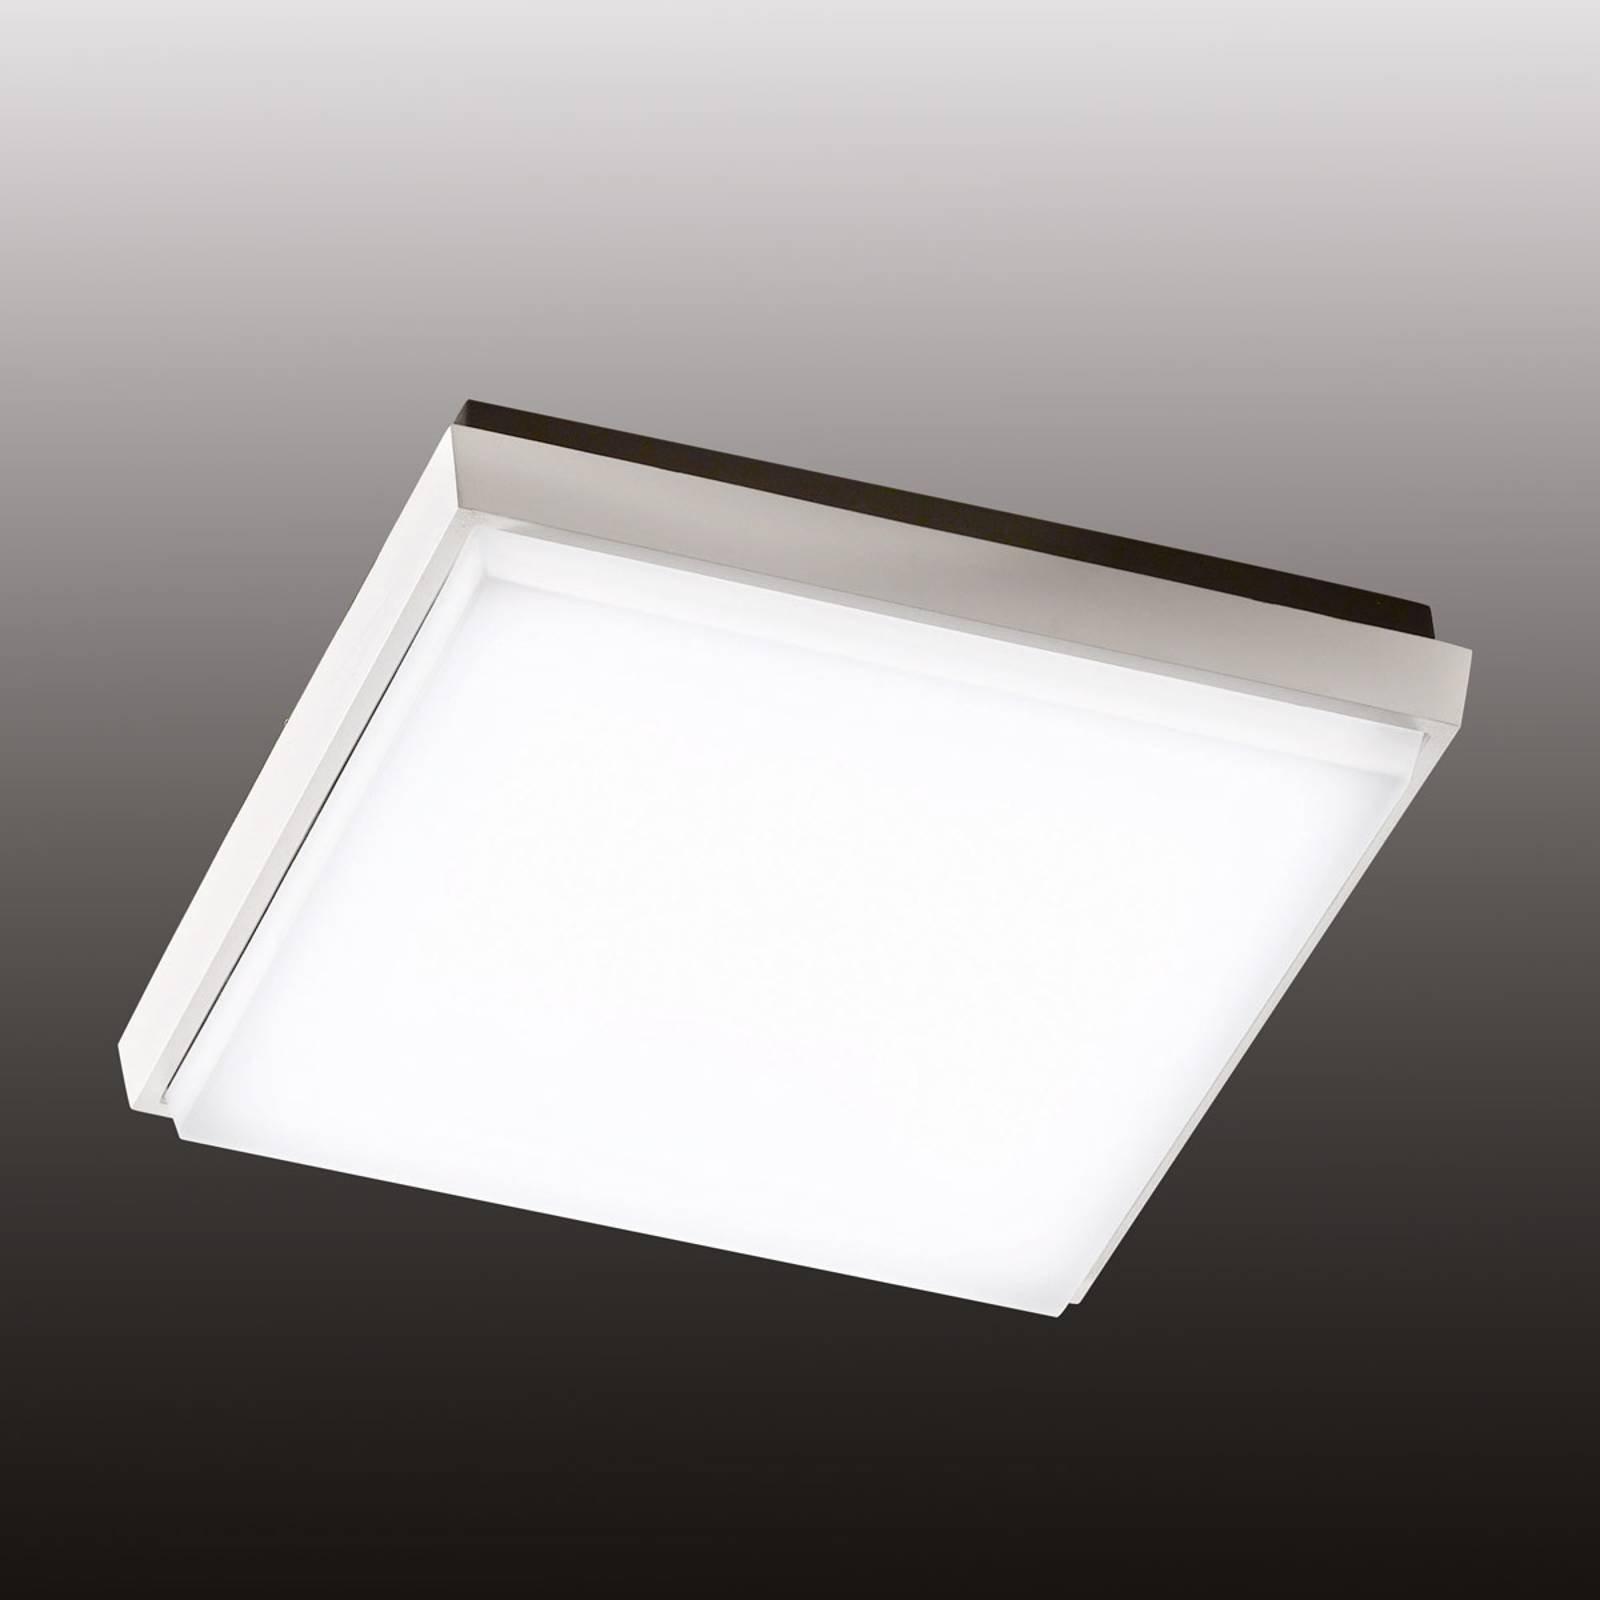 Kvadratisk LED-taklampe Desdy for utendørsbruk